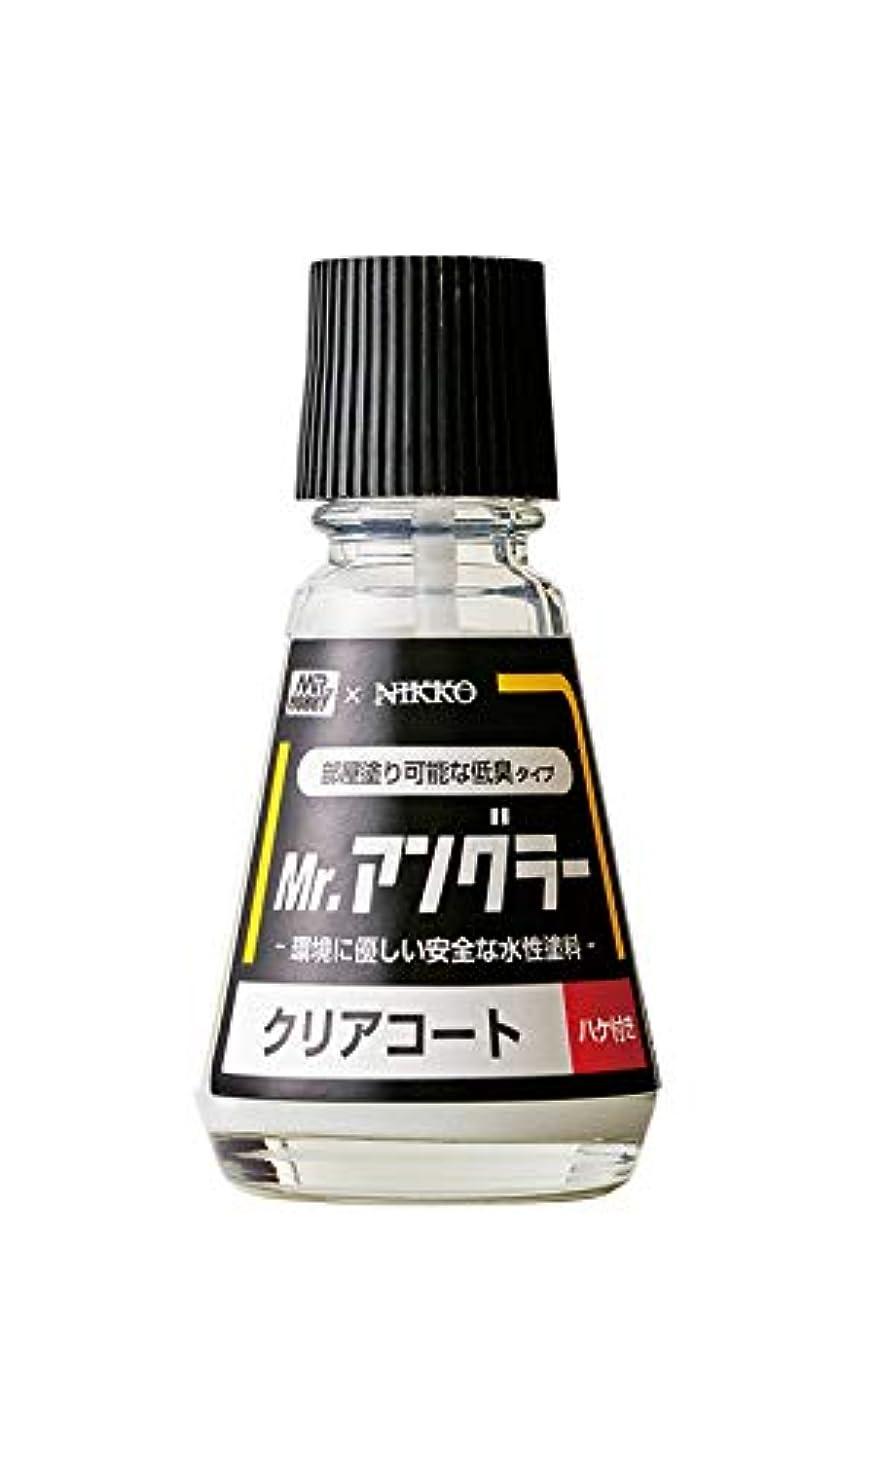 ピンチ汚染された悪魔NIKKO KASEI(ニッコー化成) Mr.アングラー クリアコート 618